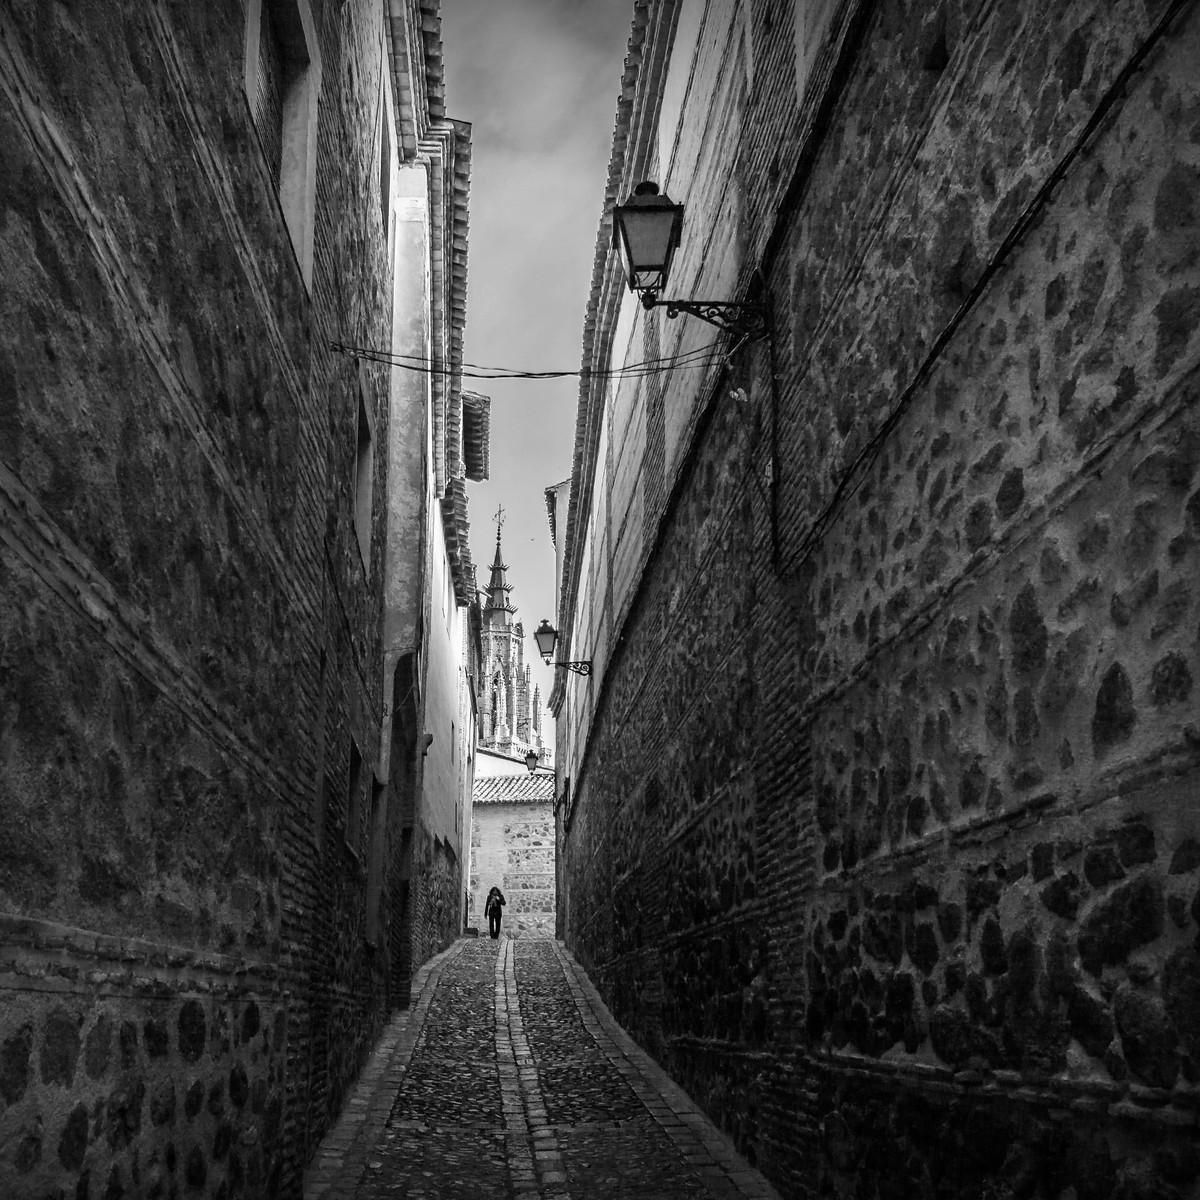 西班牙小镇,那些幽静的小石路_图1-1